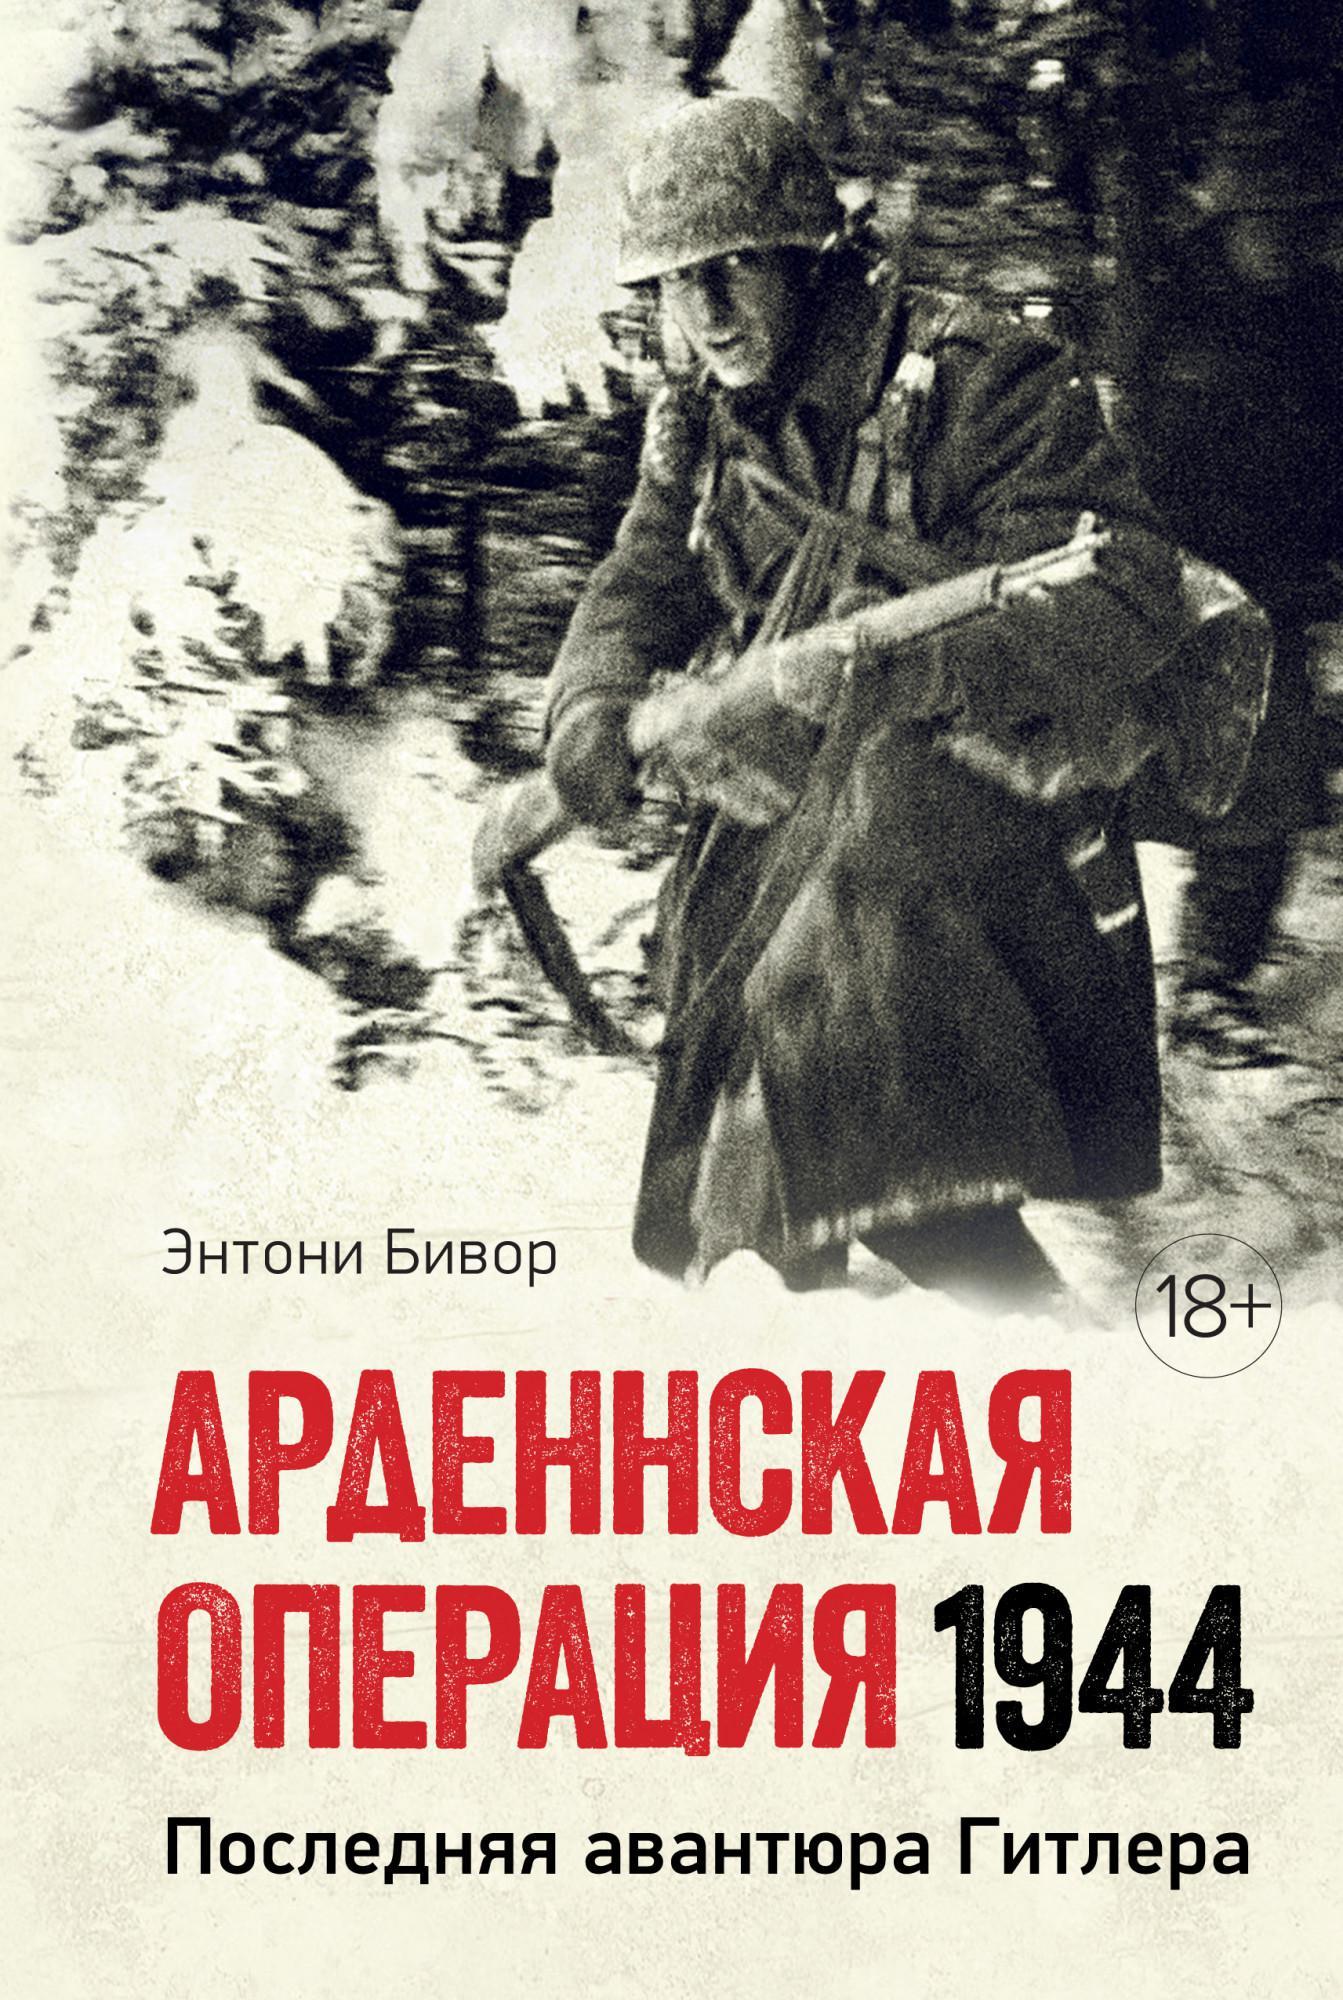 Арденнская операция 1944: Последняя авантюра Гитлера